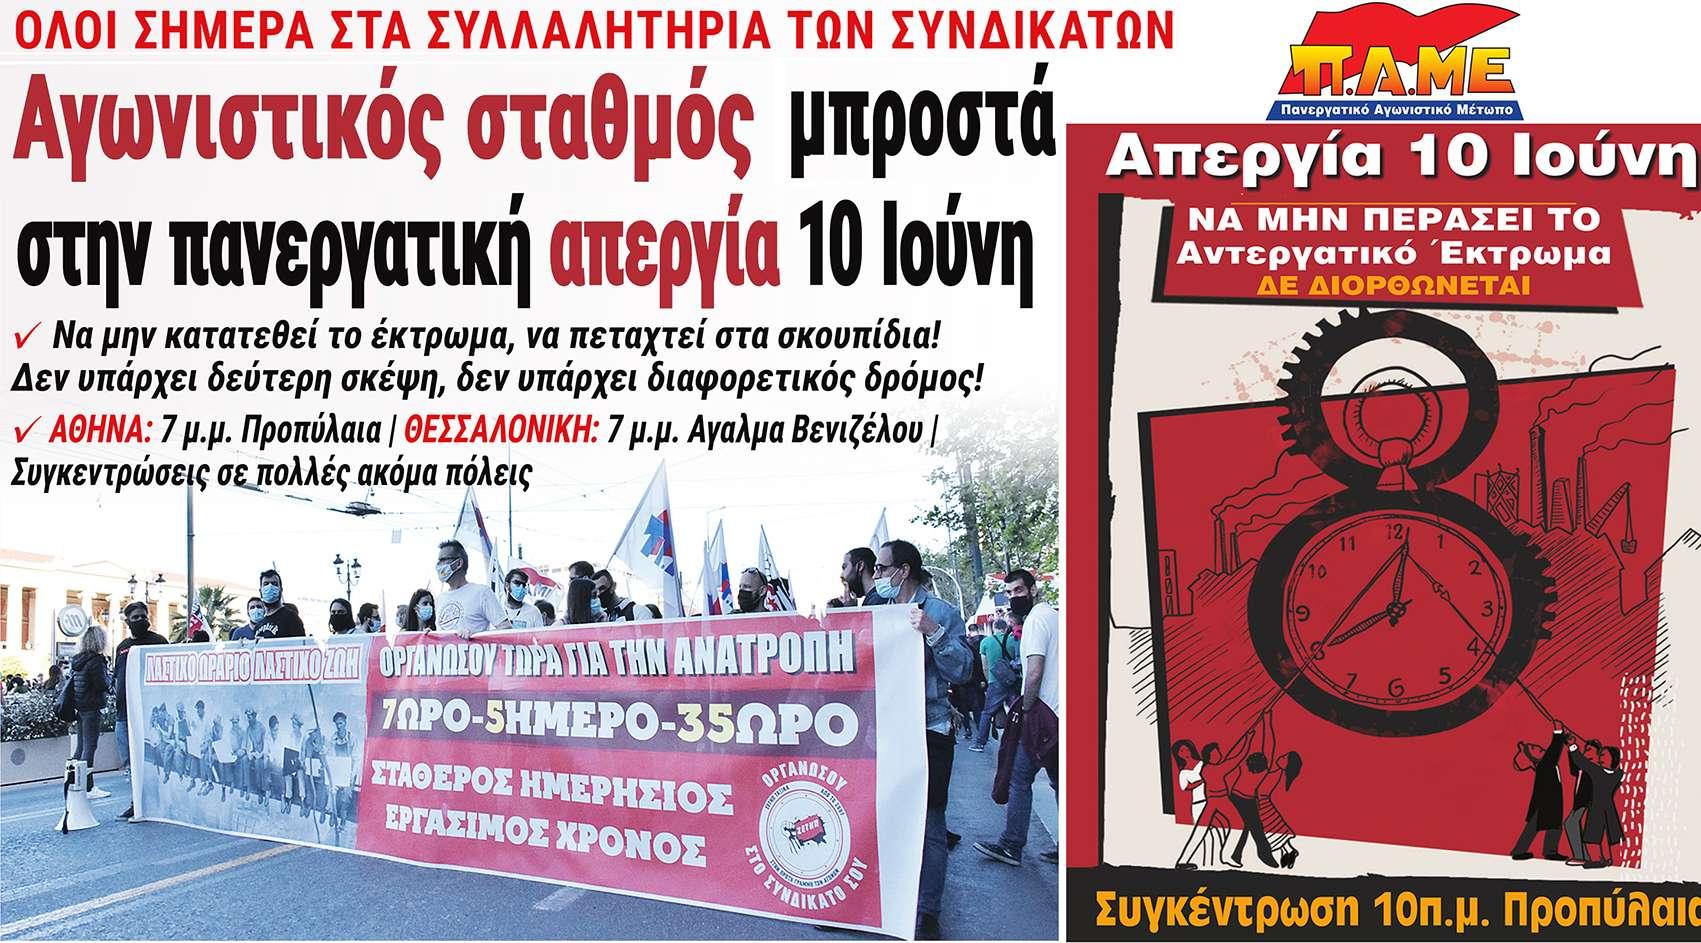 ΠΑΜΕ Όλοι στην απεργία στις 10 Ιούνη Να μην περάσει το αντεργατικό έκτρωμα